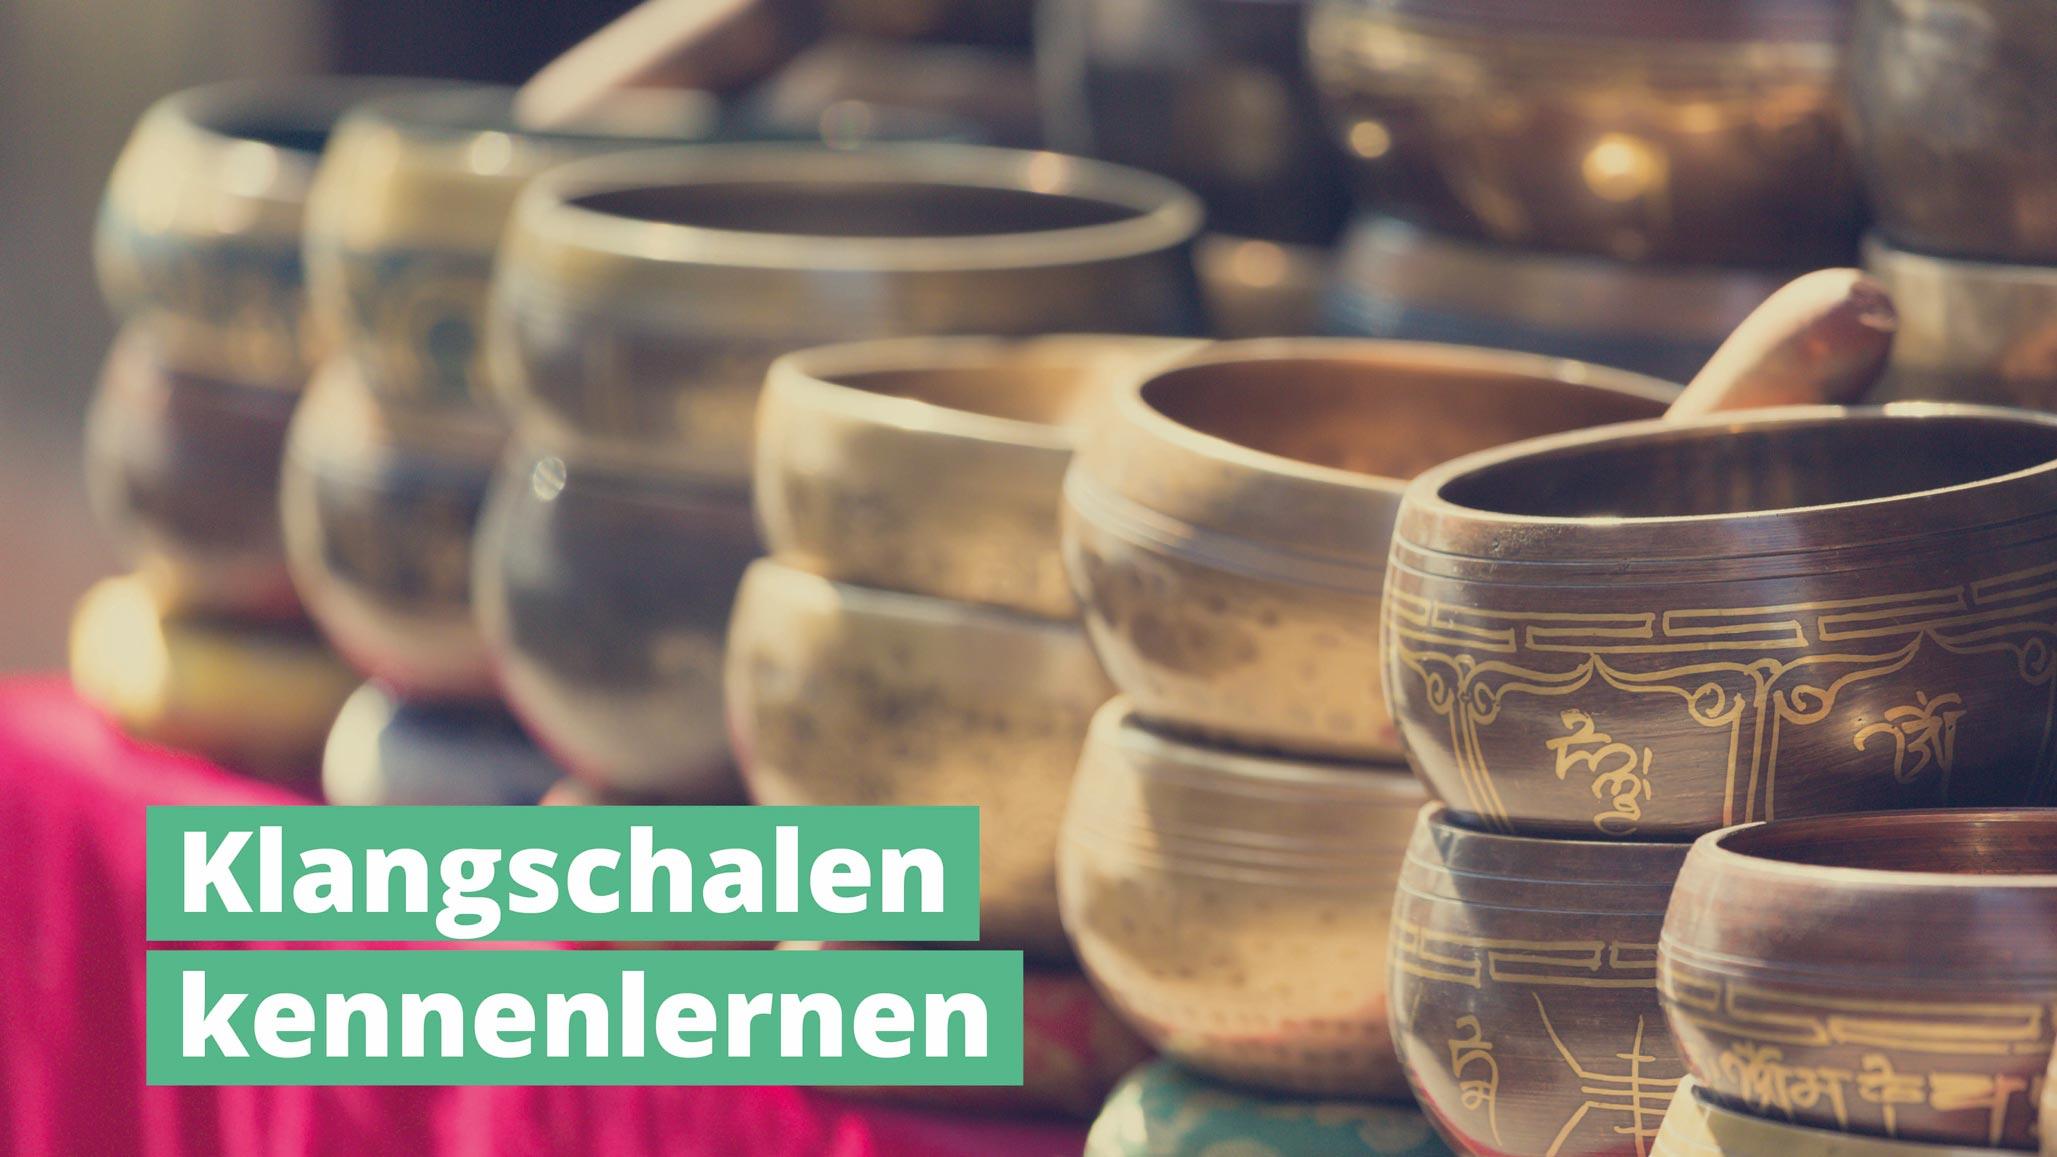 PeterHess-Klangschalen-kennenlernen-Wir-Sind-Altenpflege